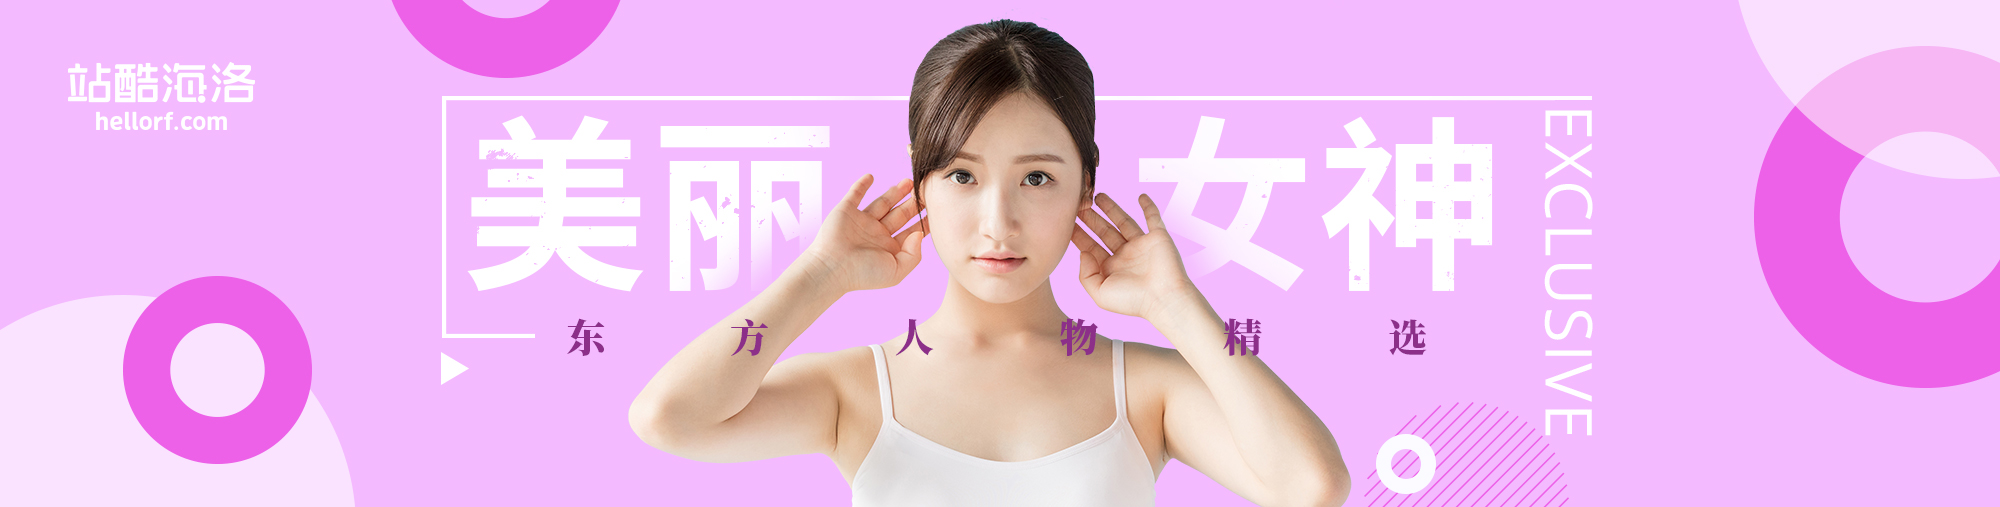 2000-507美丽女神.jpg